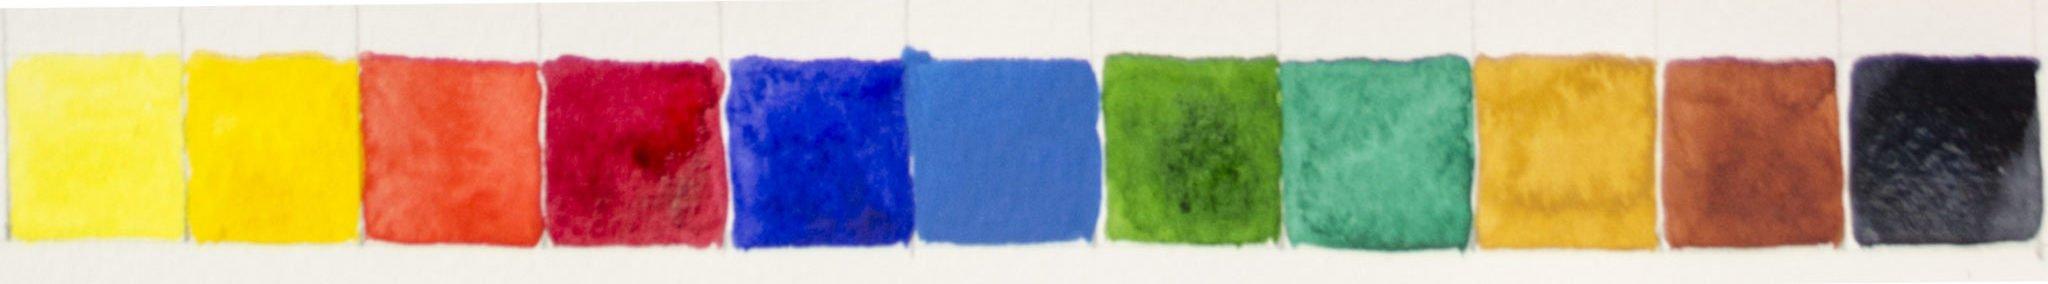 Die 12 Farben der Van Gogh Pocket Box